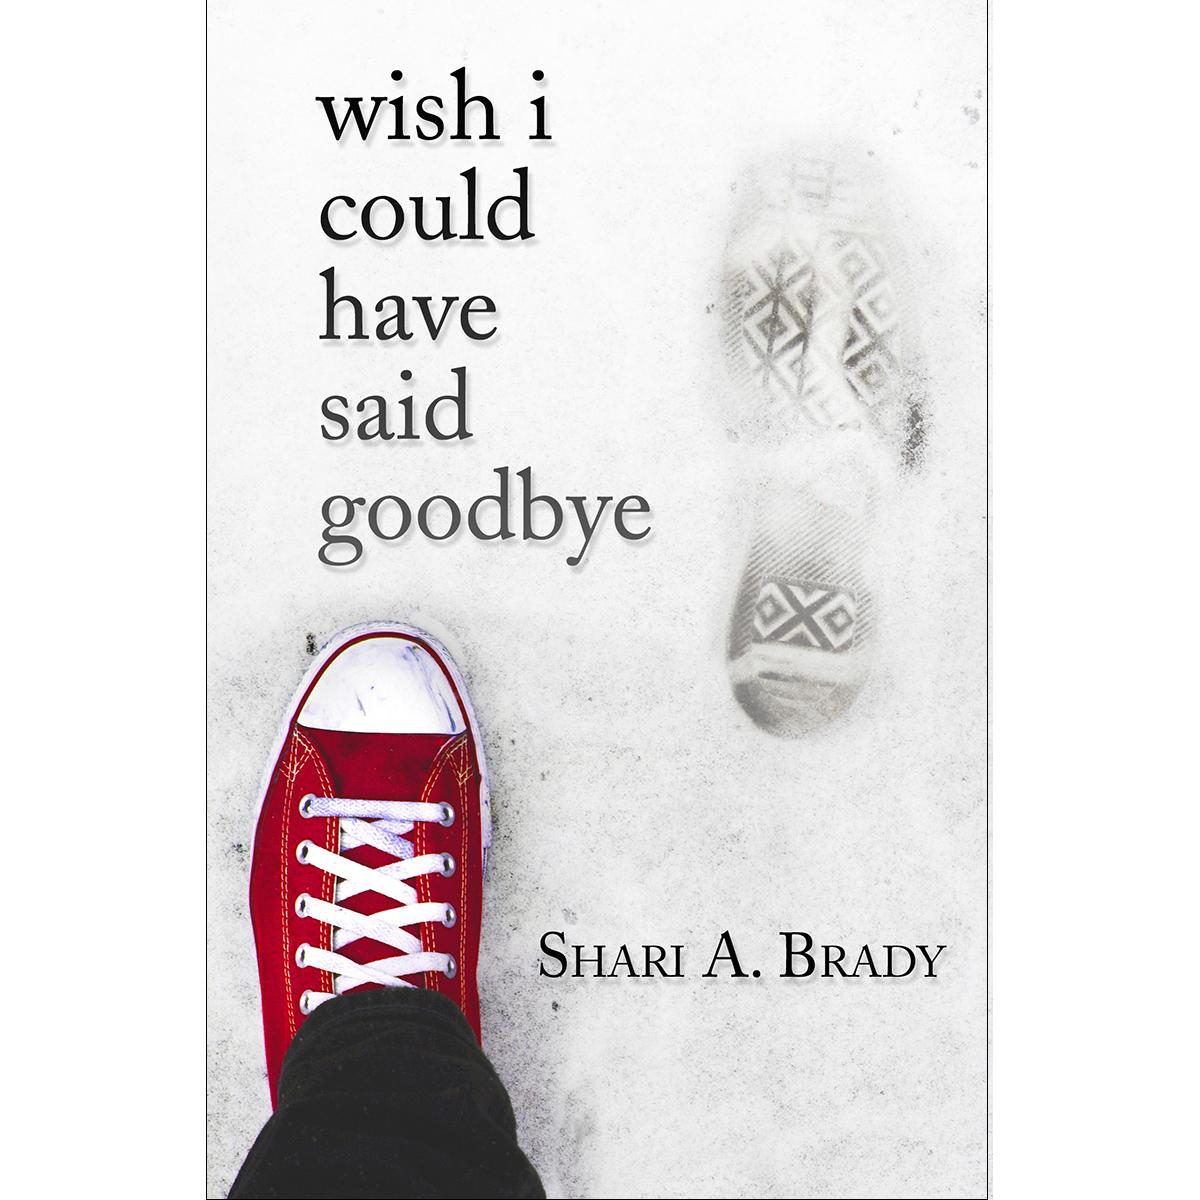 Shari Brady Wish I Could Have Said Goodbye